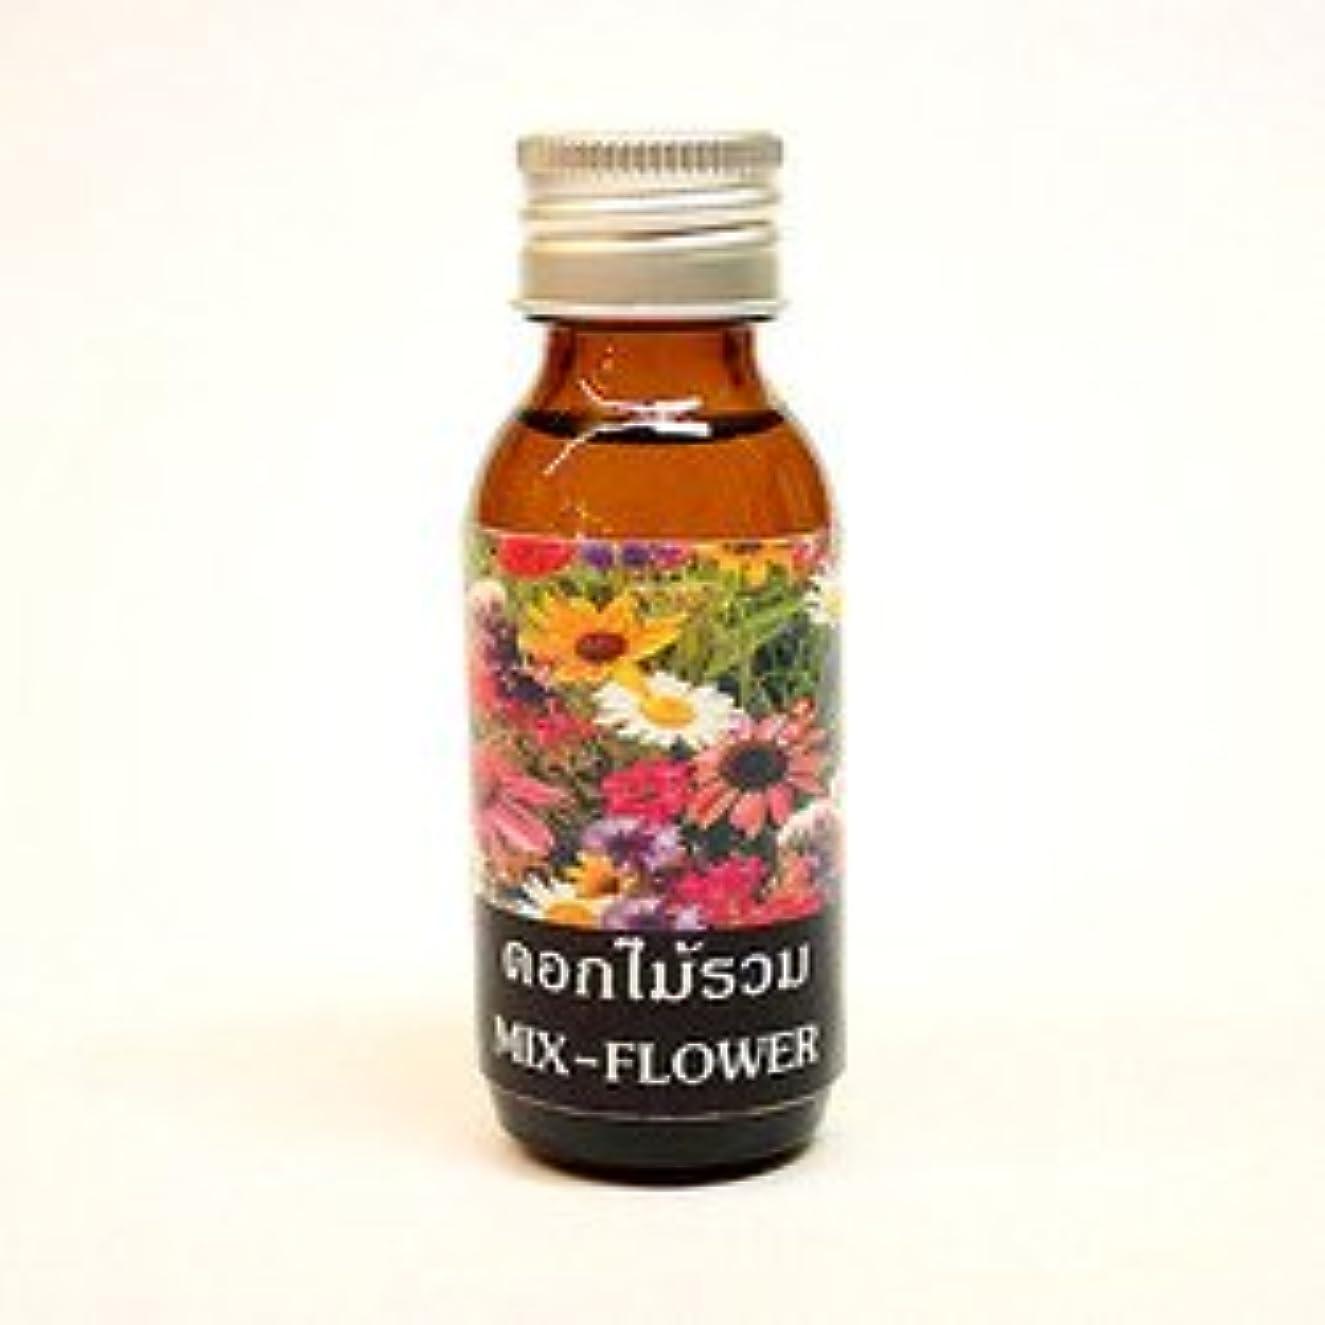 つま先生き残り量ミックスフラワー 〔Mix-Flower〕 アロマテラピーオイル 30ml アジアン雑貨